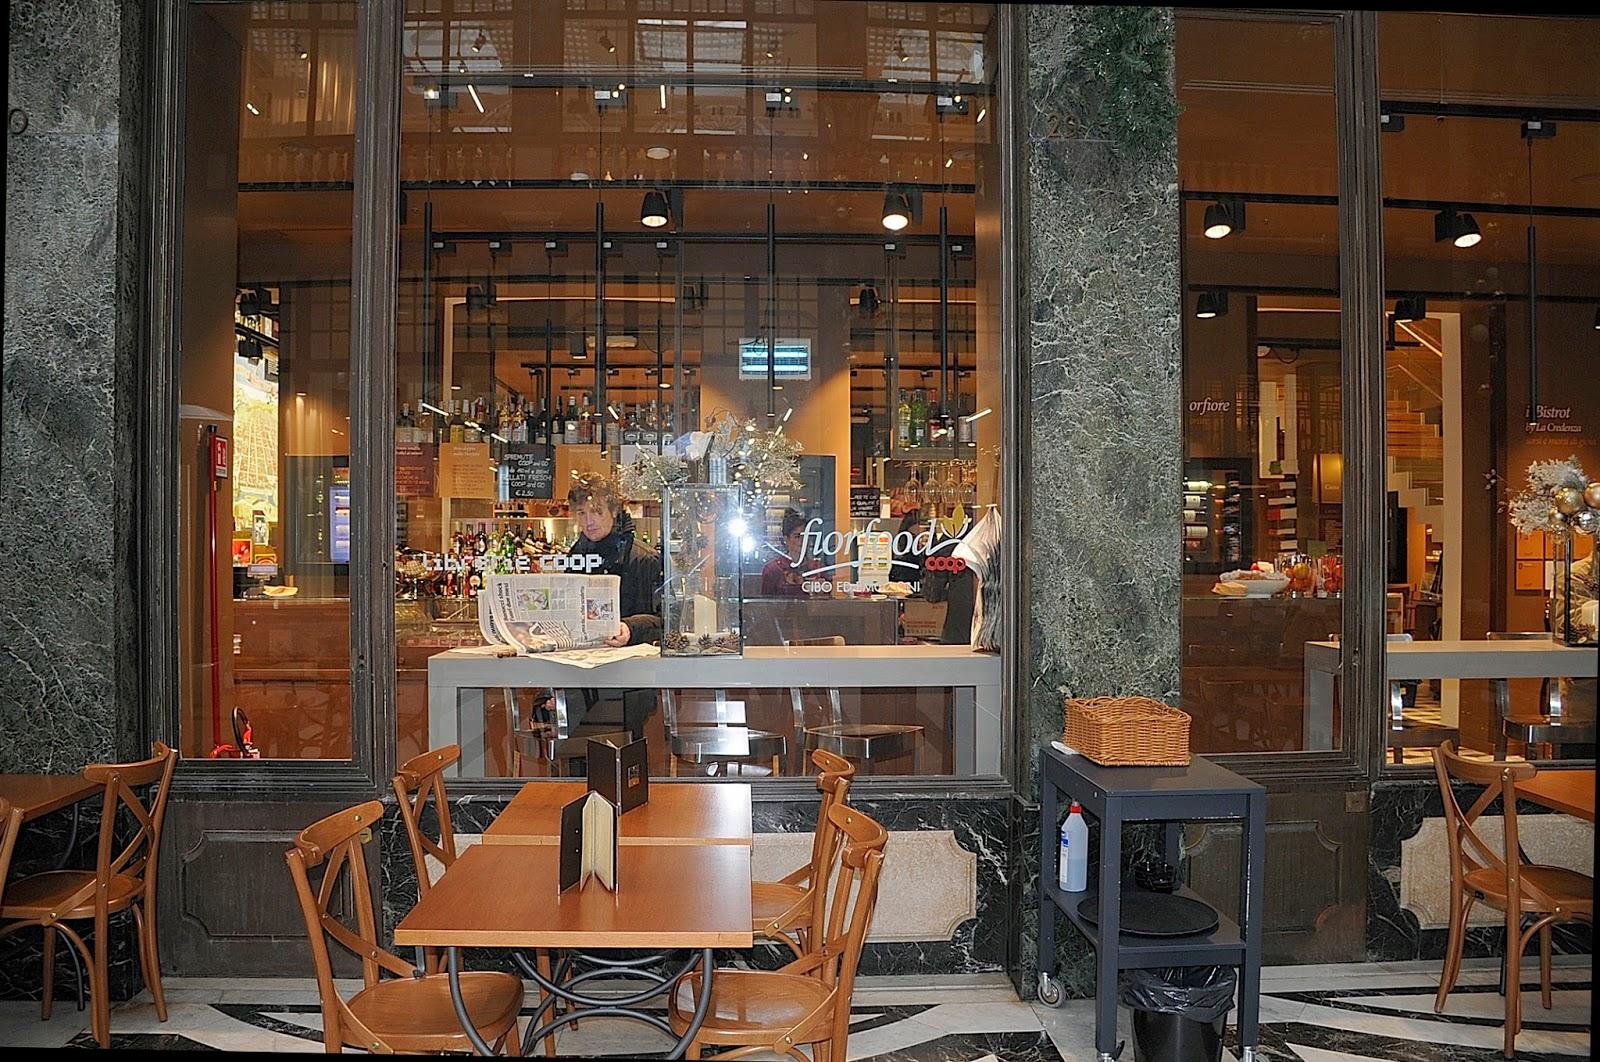 Ristorante La Credenza Galleria San Federico : Armadillo bar vino cibo e musica: fior fiore fiorfood by la credenza